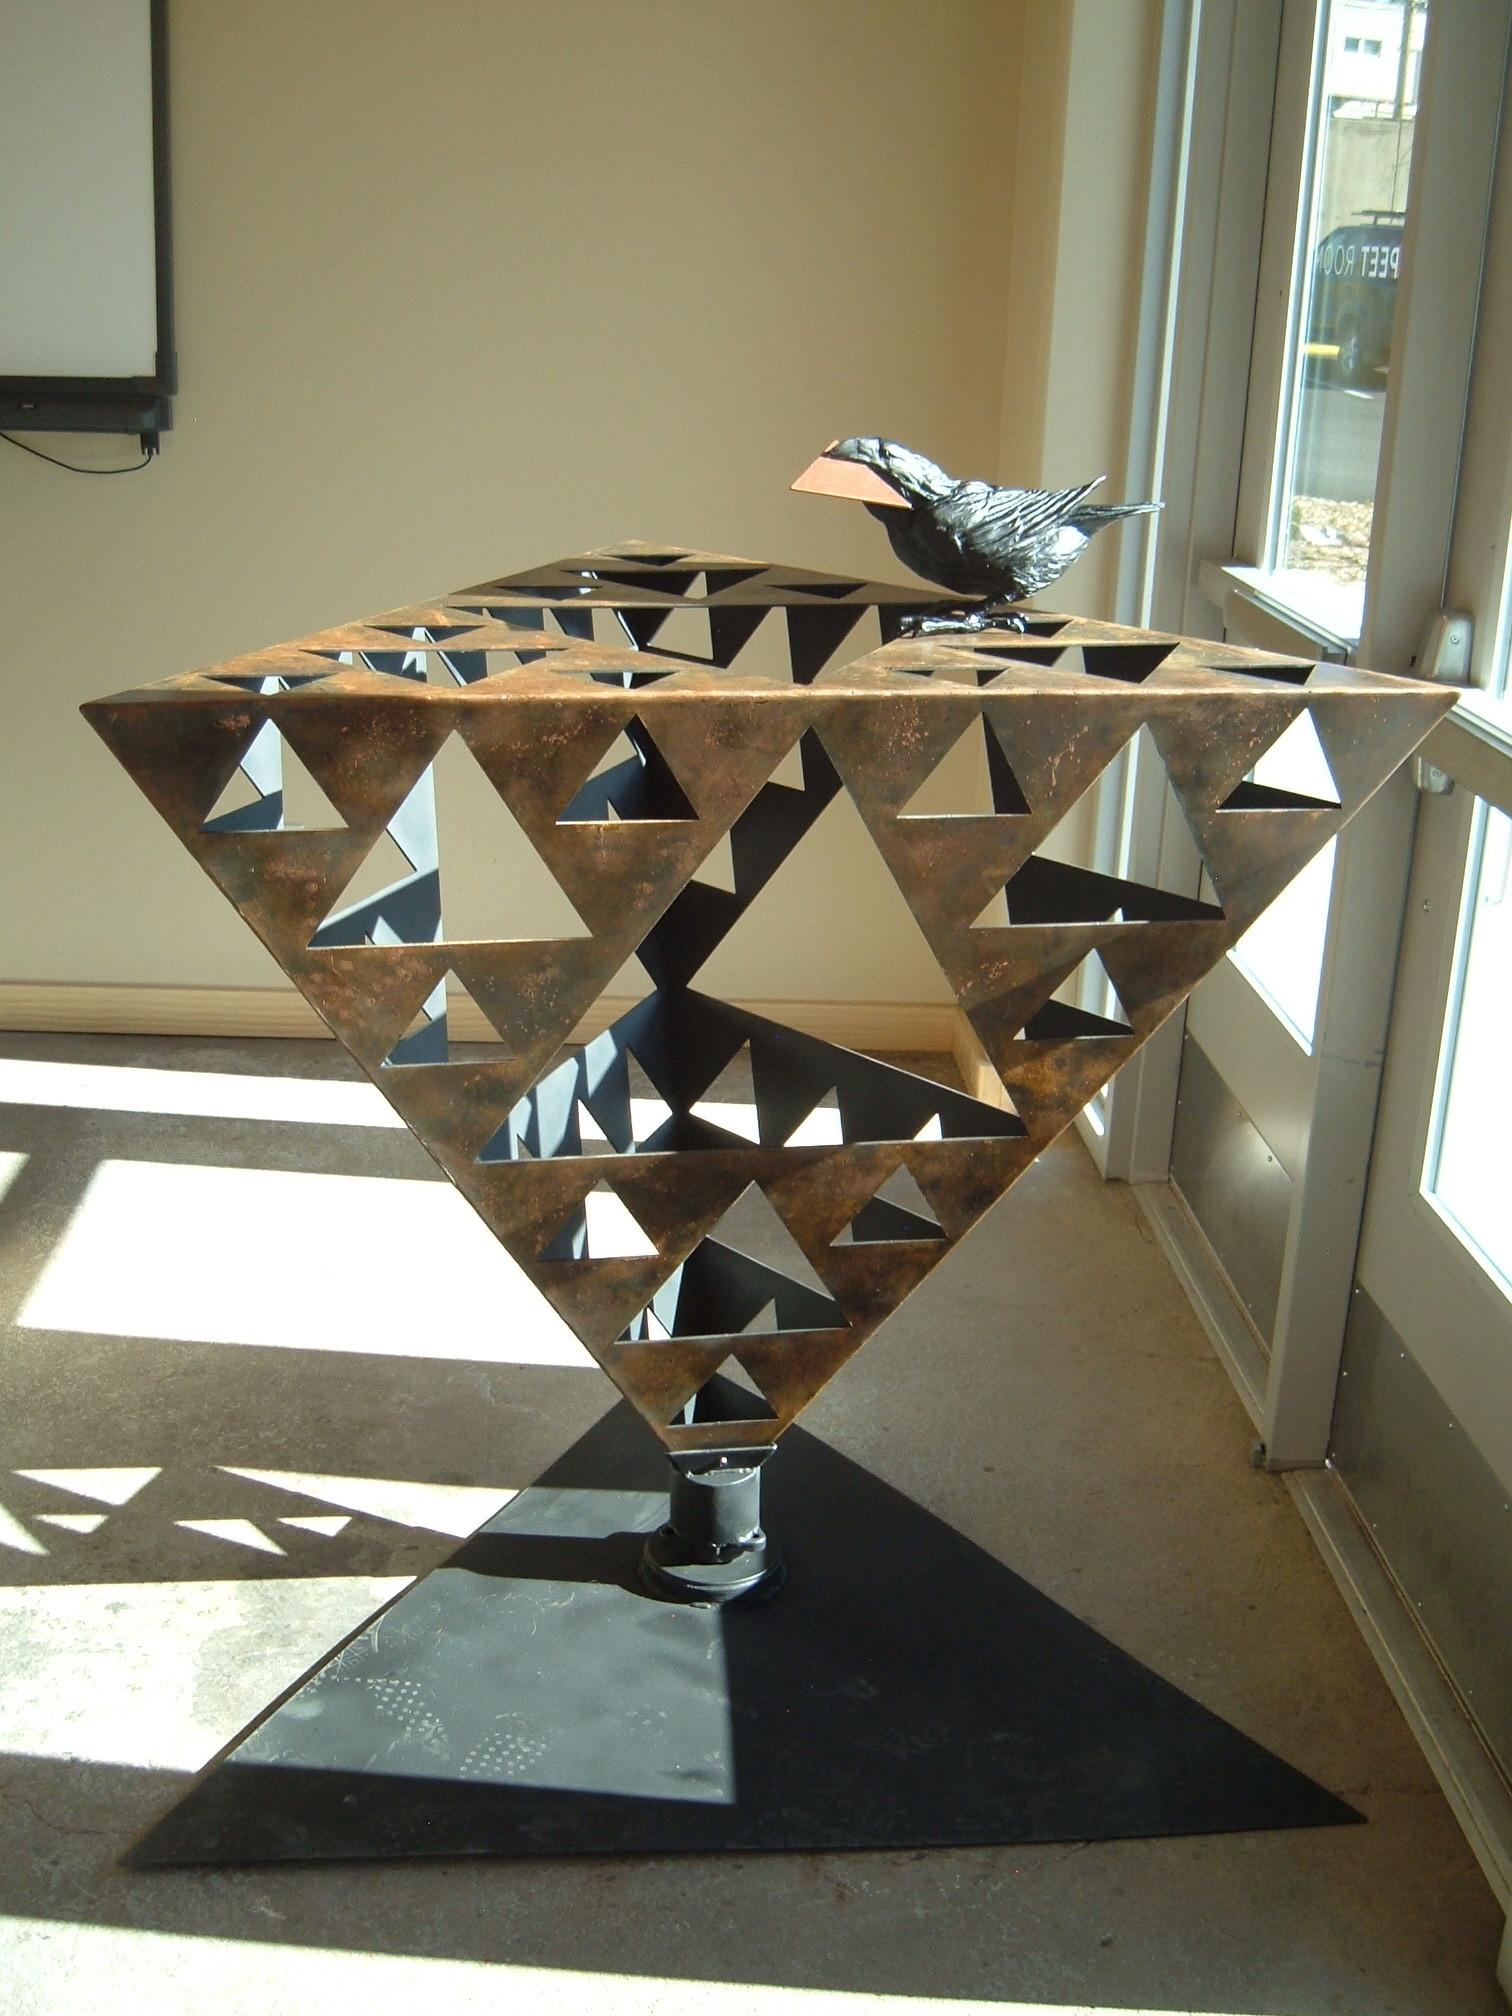 Sierpinski Triangle (it spins!!)